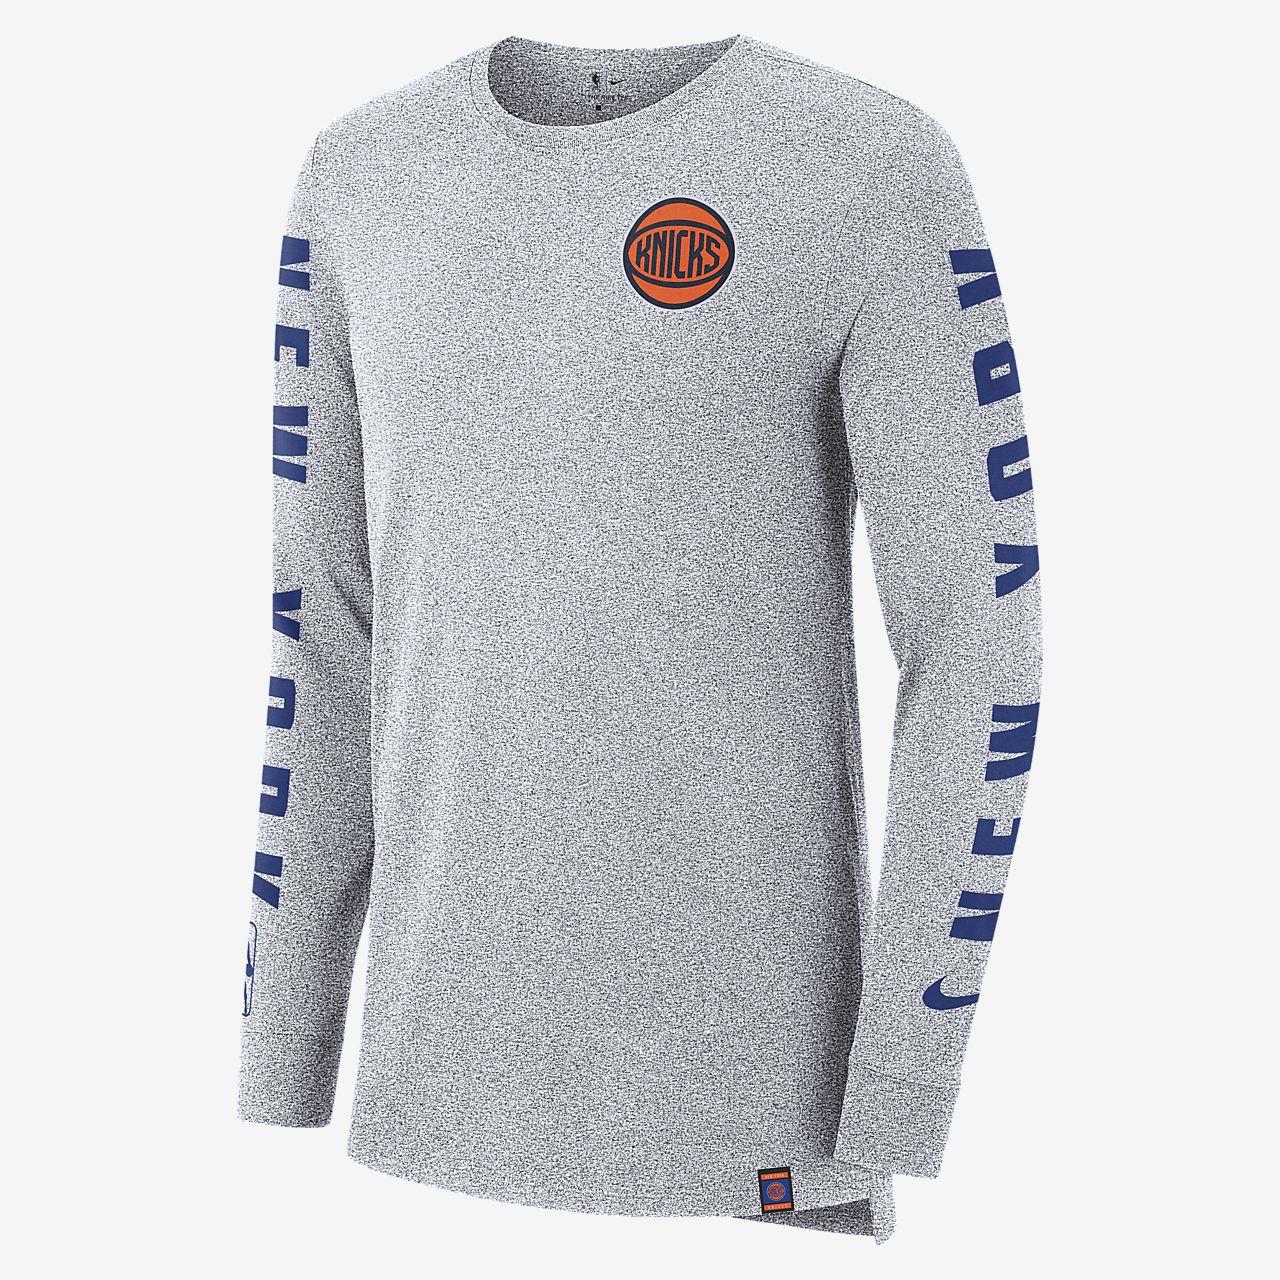 ニューヨーク ニックス シティ エディション ナイキ メンズ ロングスリーブ NBA Tシャツ